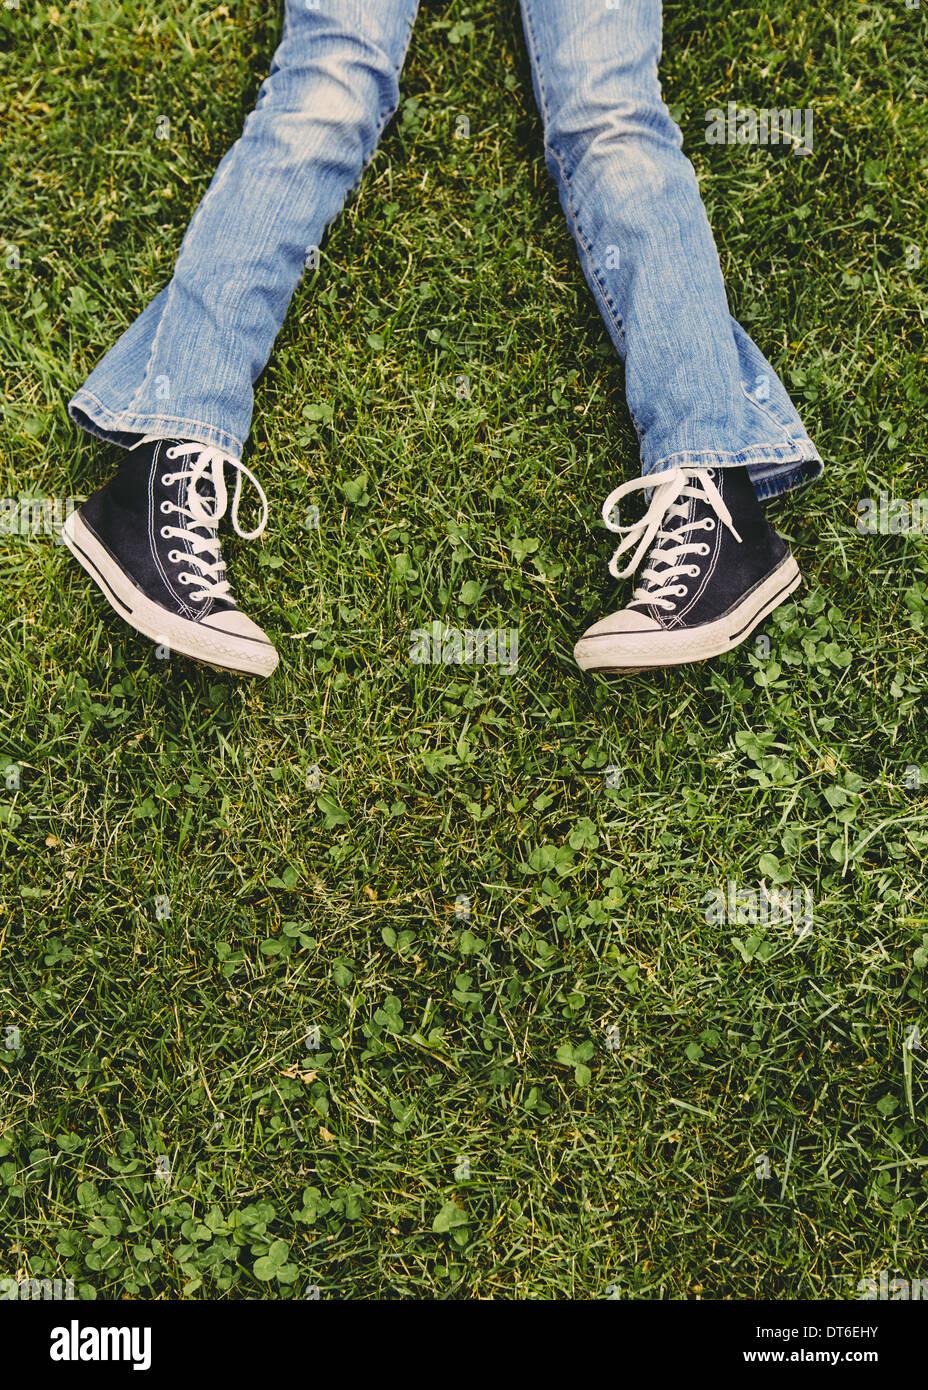 Une fillette de dix ans couché dans l'herbe. Portrait de sa partie inférieure des jambes. Porter des chaussures et des jeans bleu délavé. Photo Stock